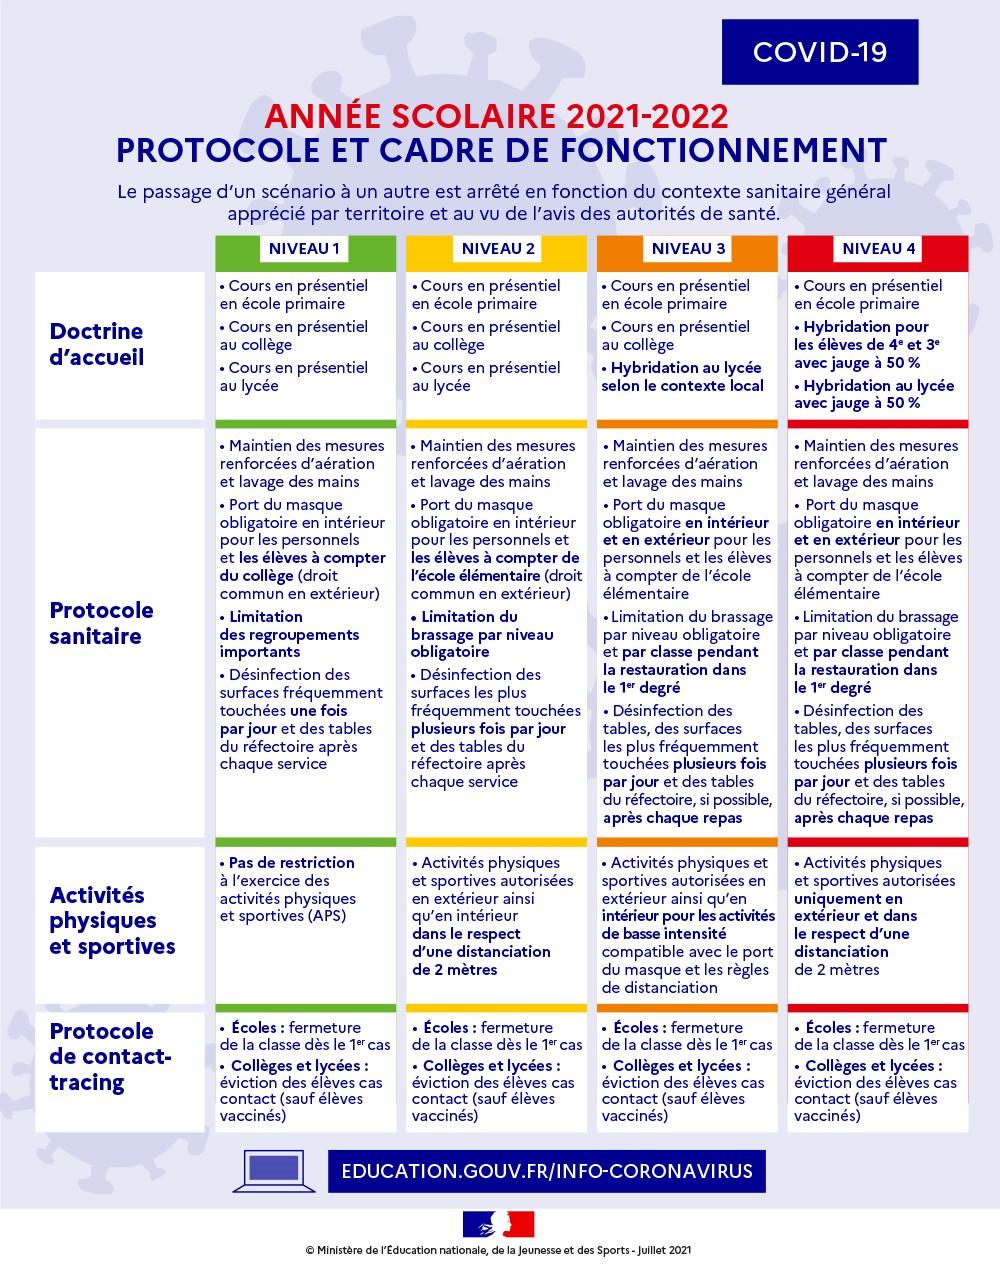 Protocole sanitaire rentrée scolaire 2021_2022.jpg